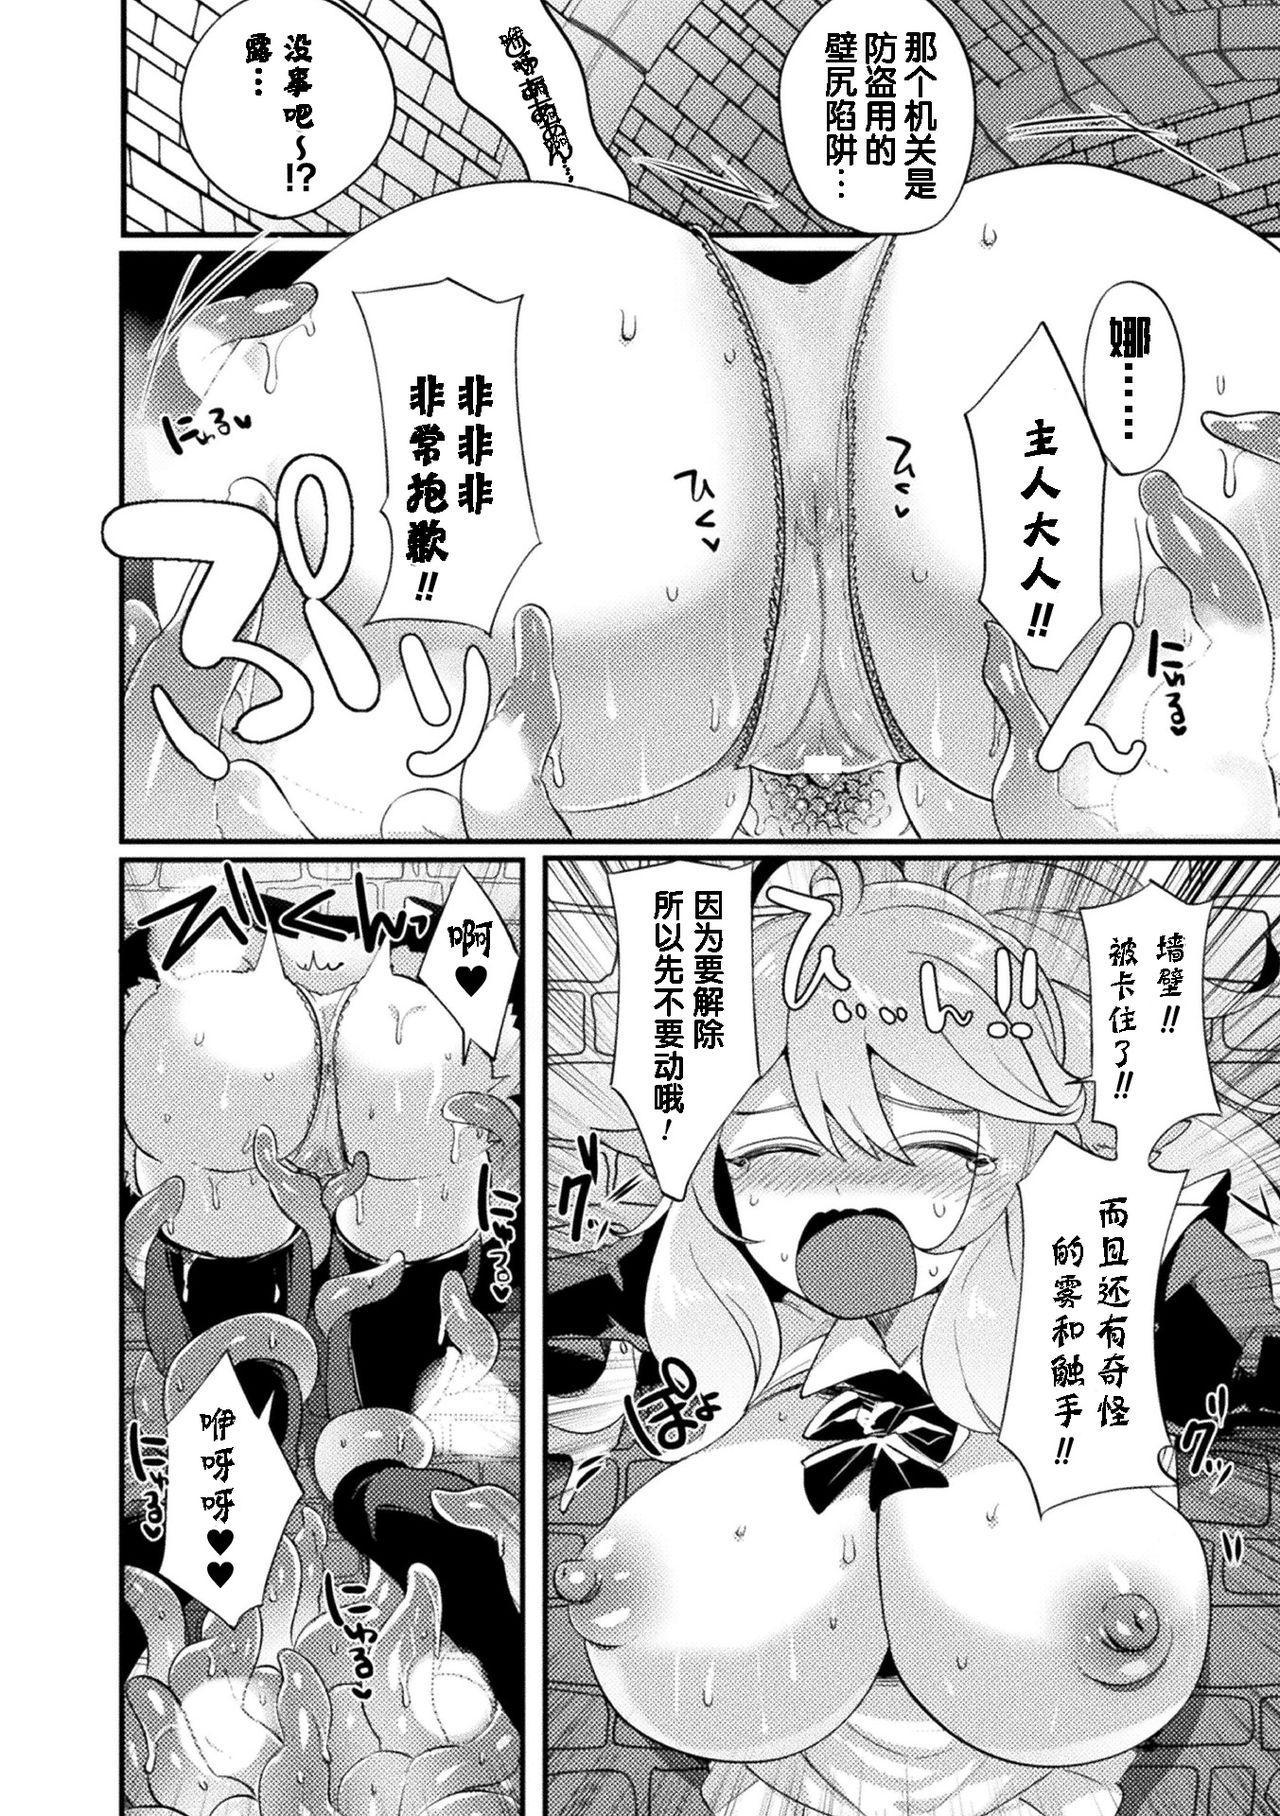 [Anthology] Bessatsu Comic Unreal Ponkotsu Fantasy Heroine H ~Doji o Funde Gyakuten Saretari Ero Trap ni Hamattari!?~ Vol. 1 [Chinese] [风油精汉化组] [Digital] 11